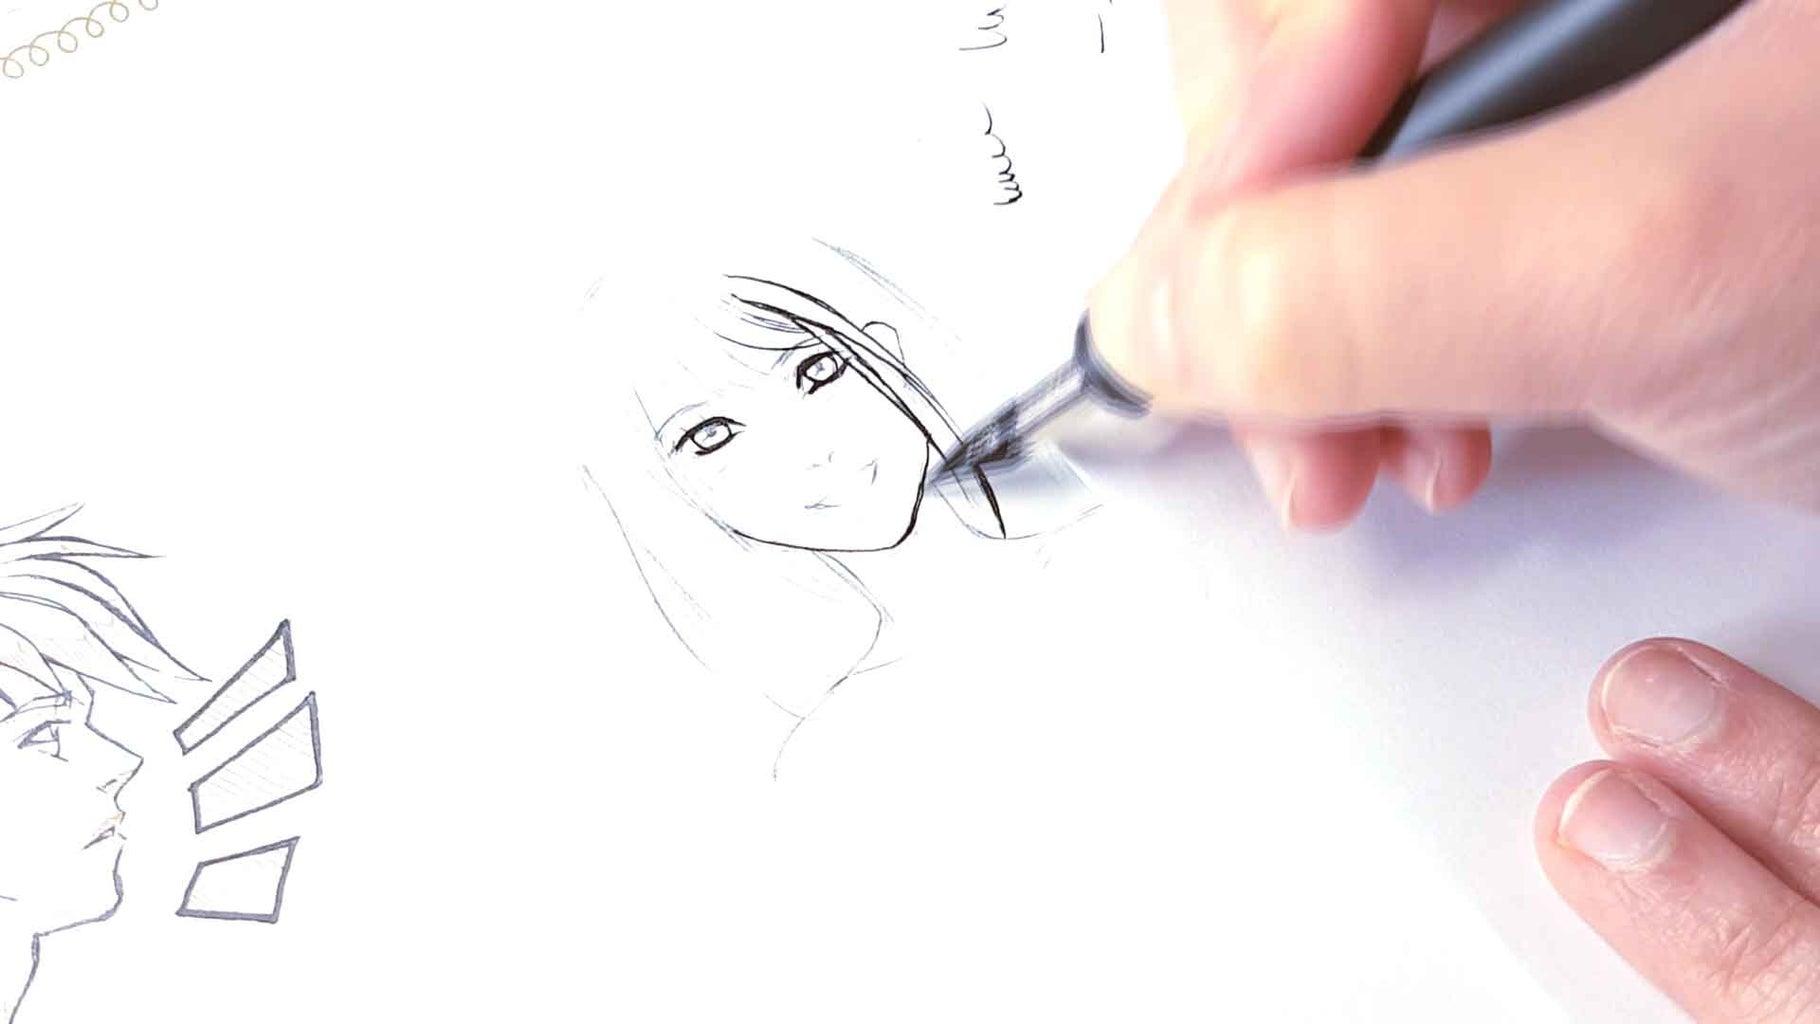 2) Dip Pen